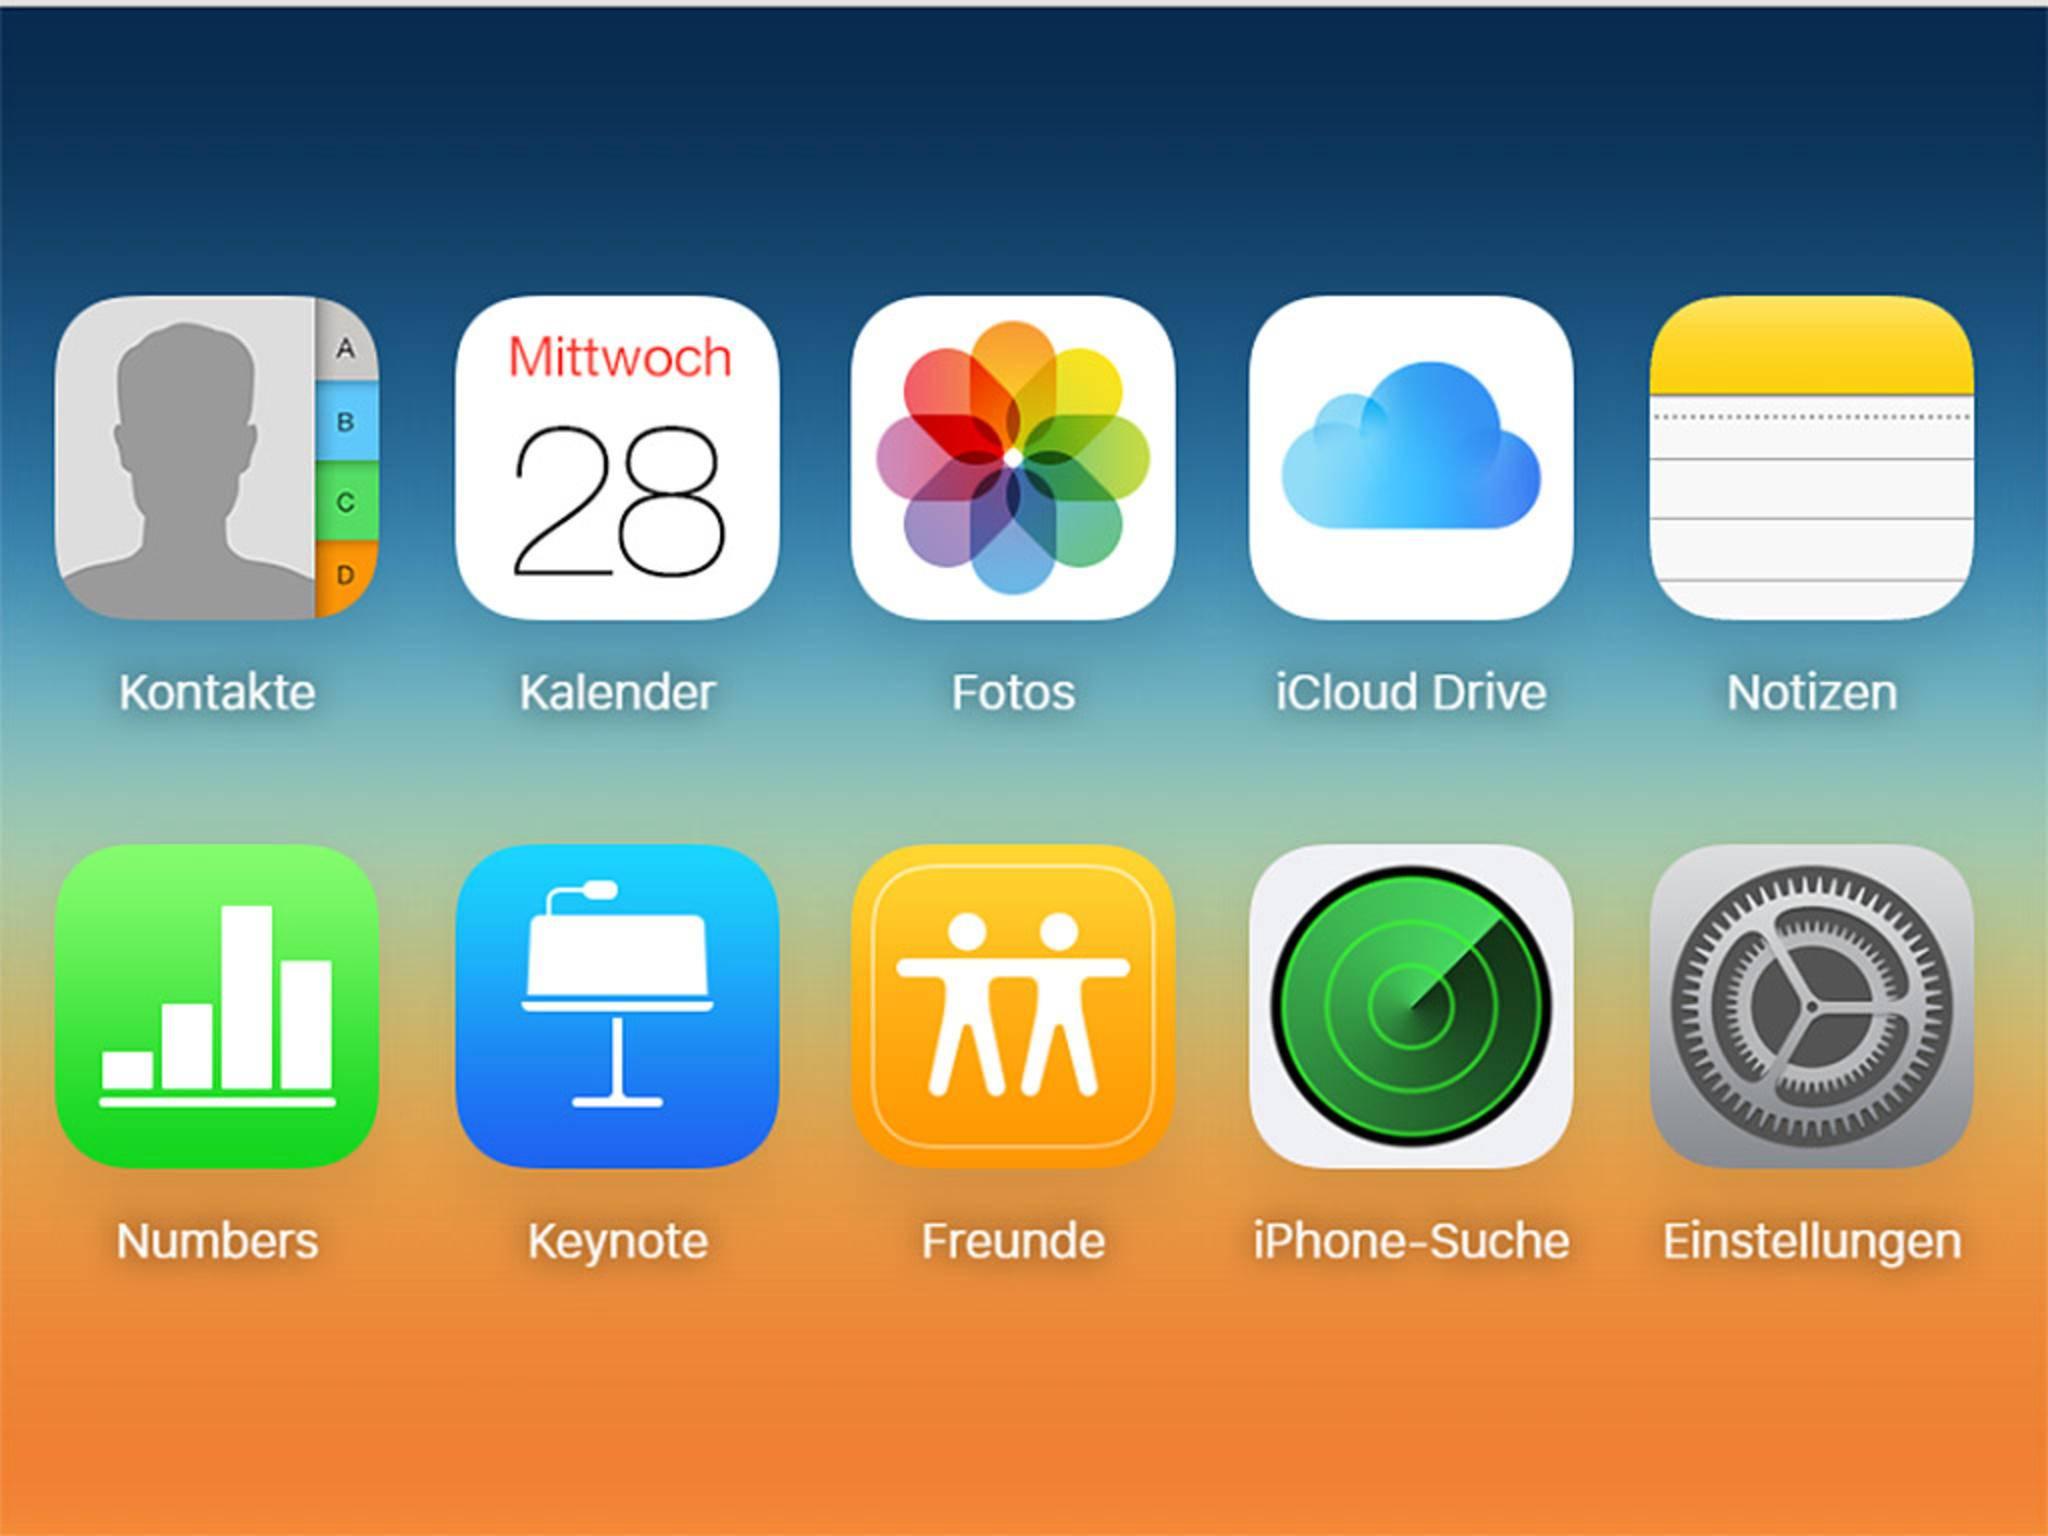 Nach dem Login musst Du nur noch iCloud Drive auswählen.